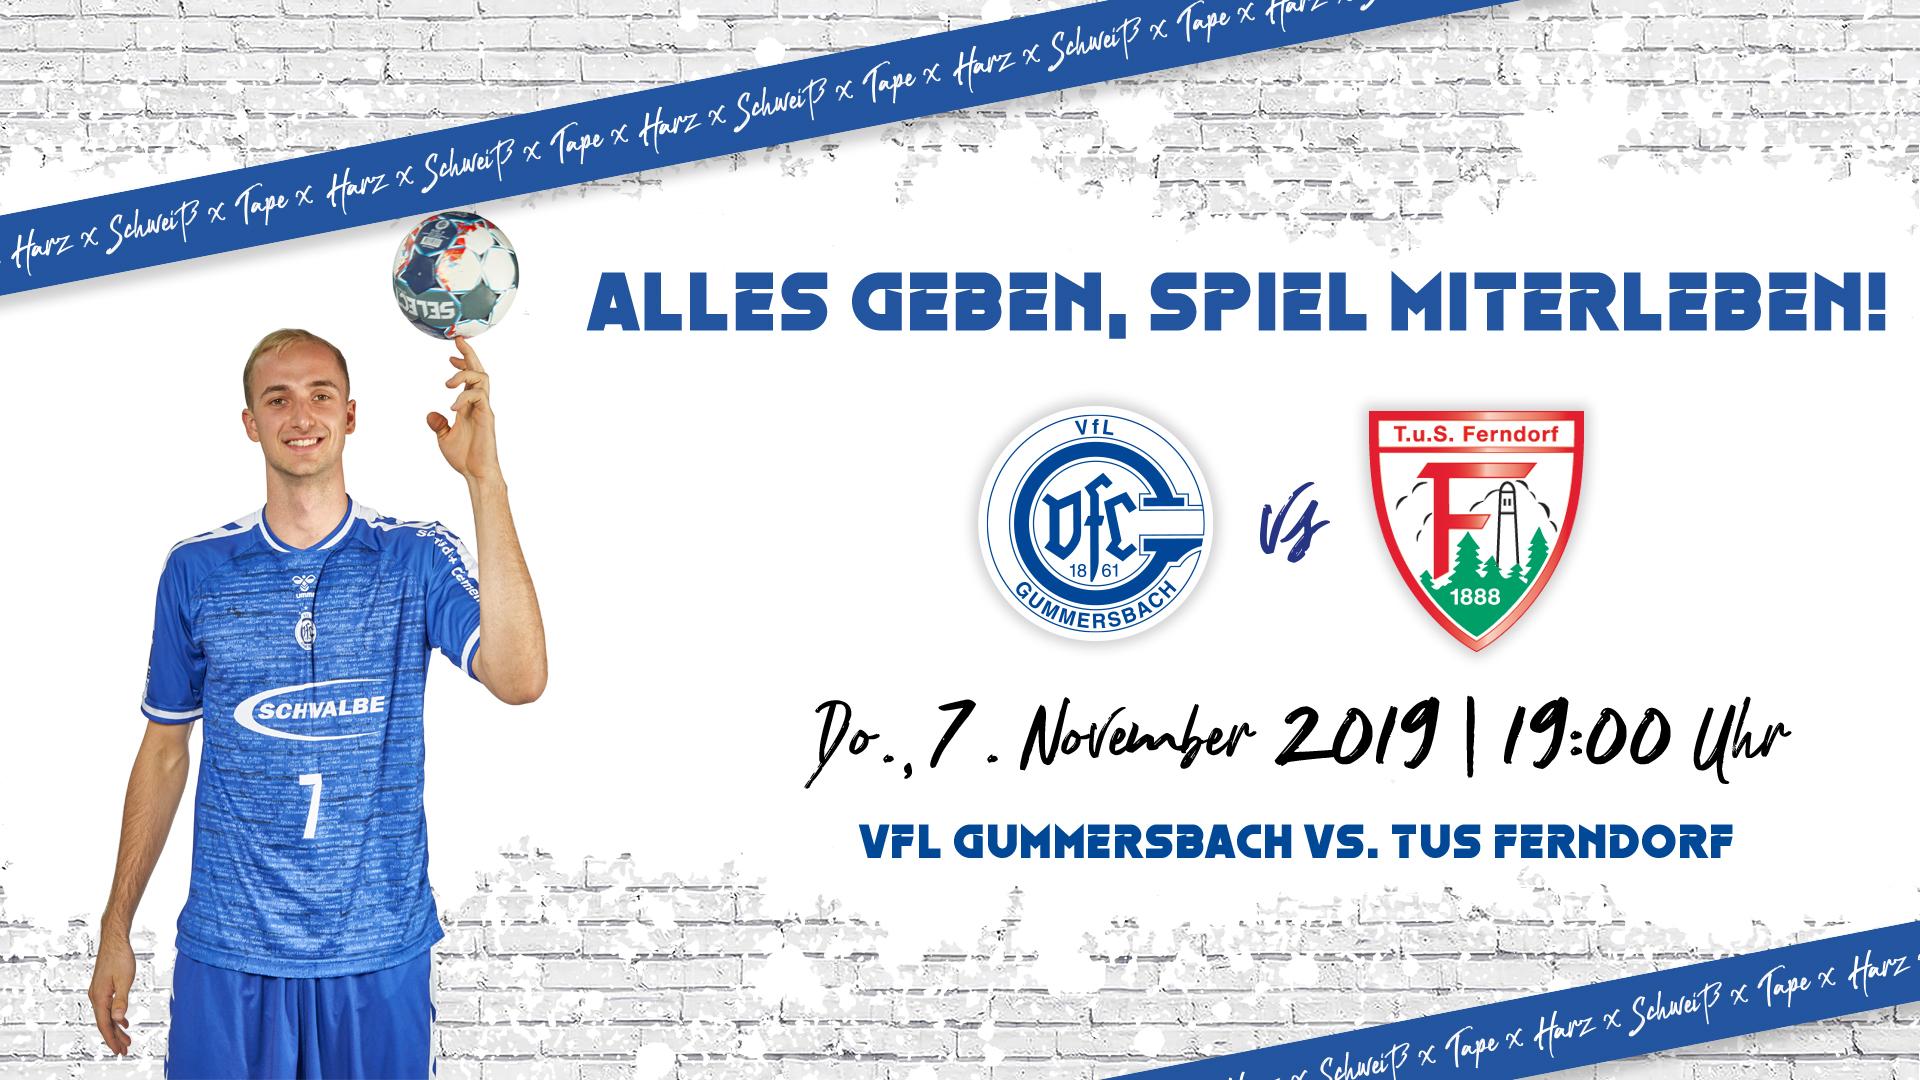 HEIMSPIEL | VfL Gummersbach - TuS Ferndorf